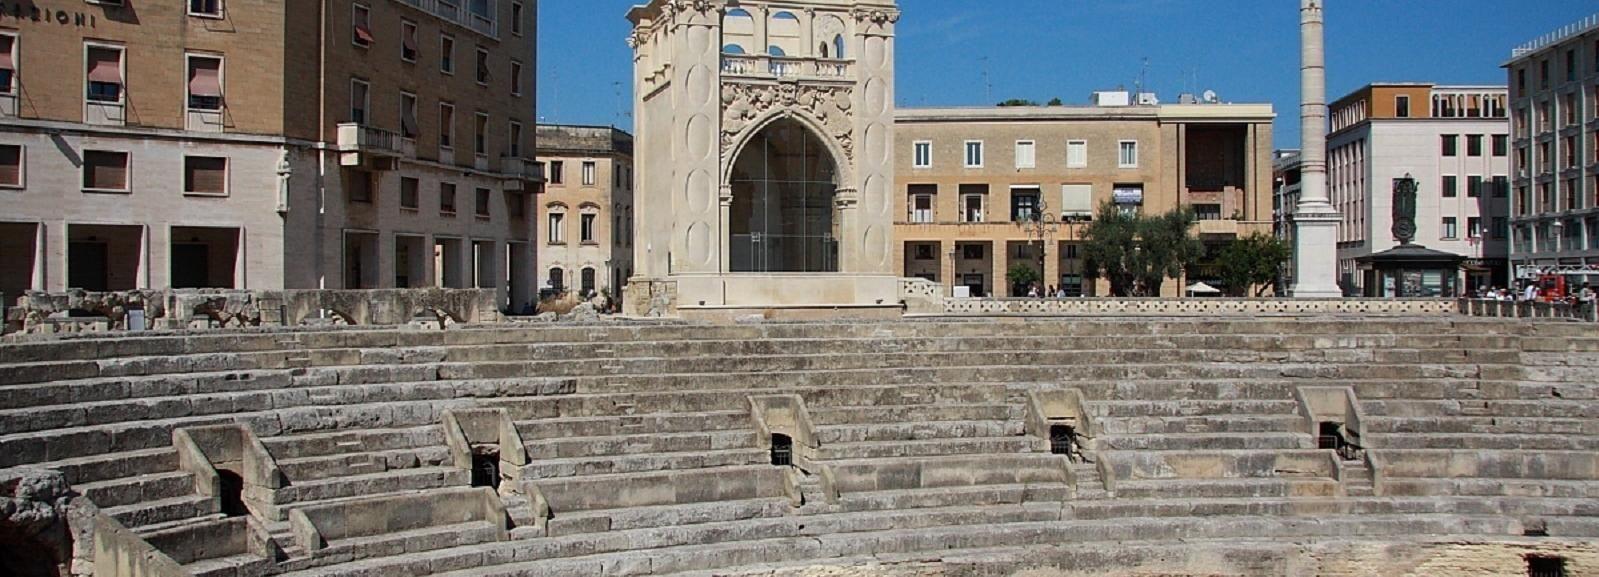 Lecce: Walking Tour